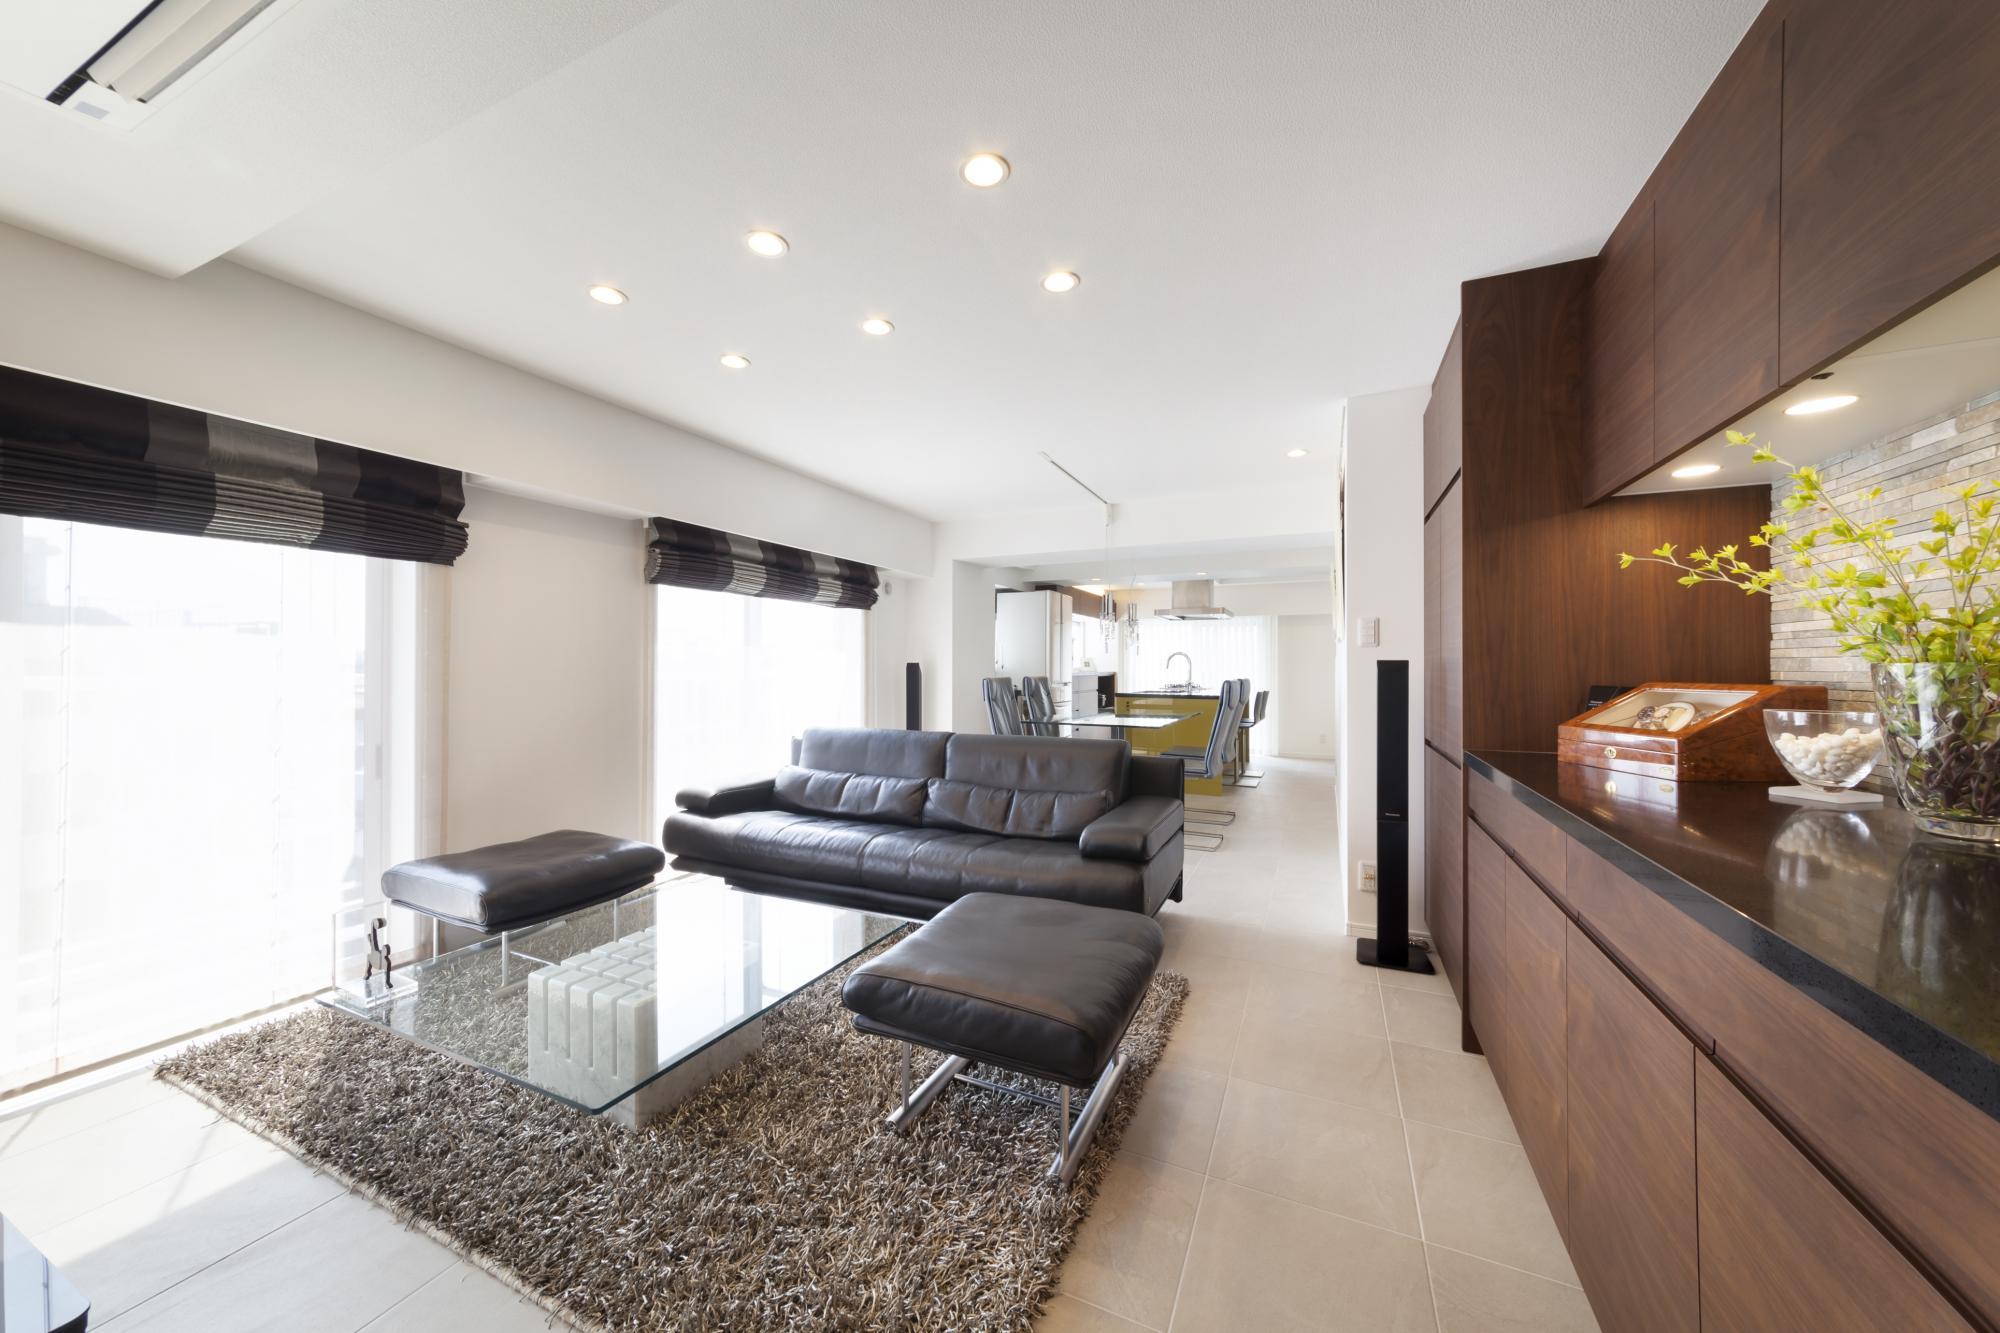 マンションリフォームギャラリーを訪れた際に選んだ素焼きの床タイル。 複層ガラスサッシにより冷暖房効率に加え防音性能も向上